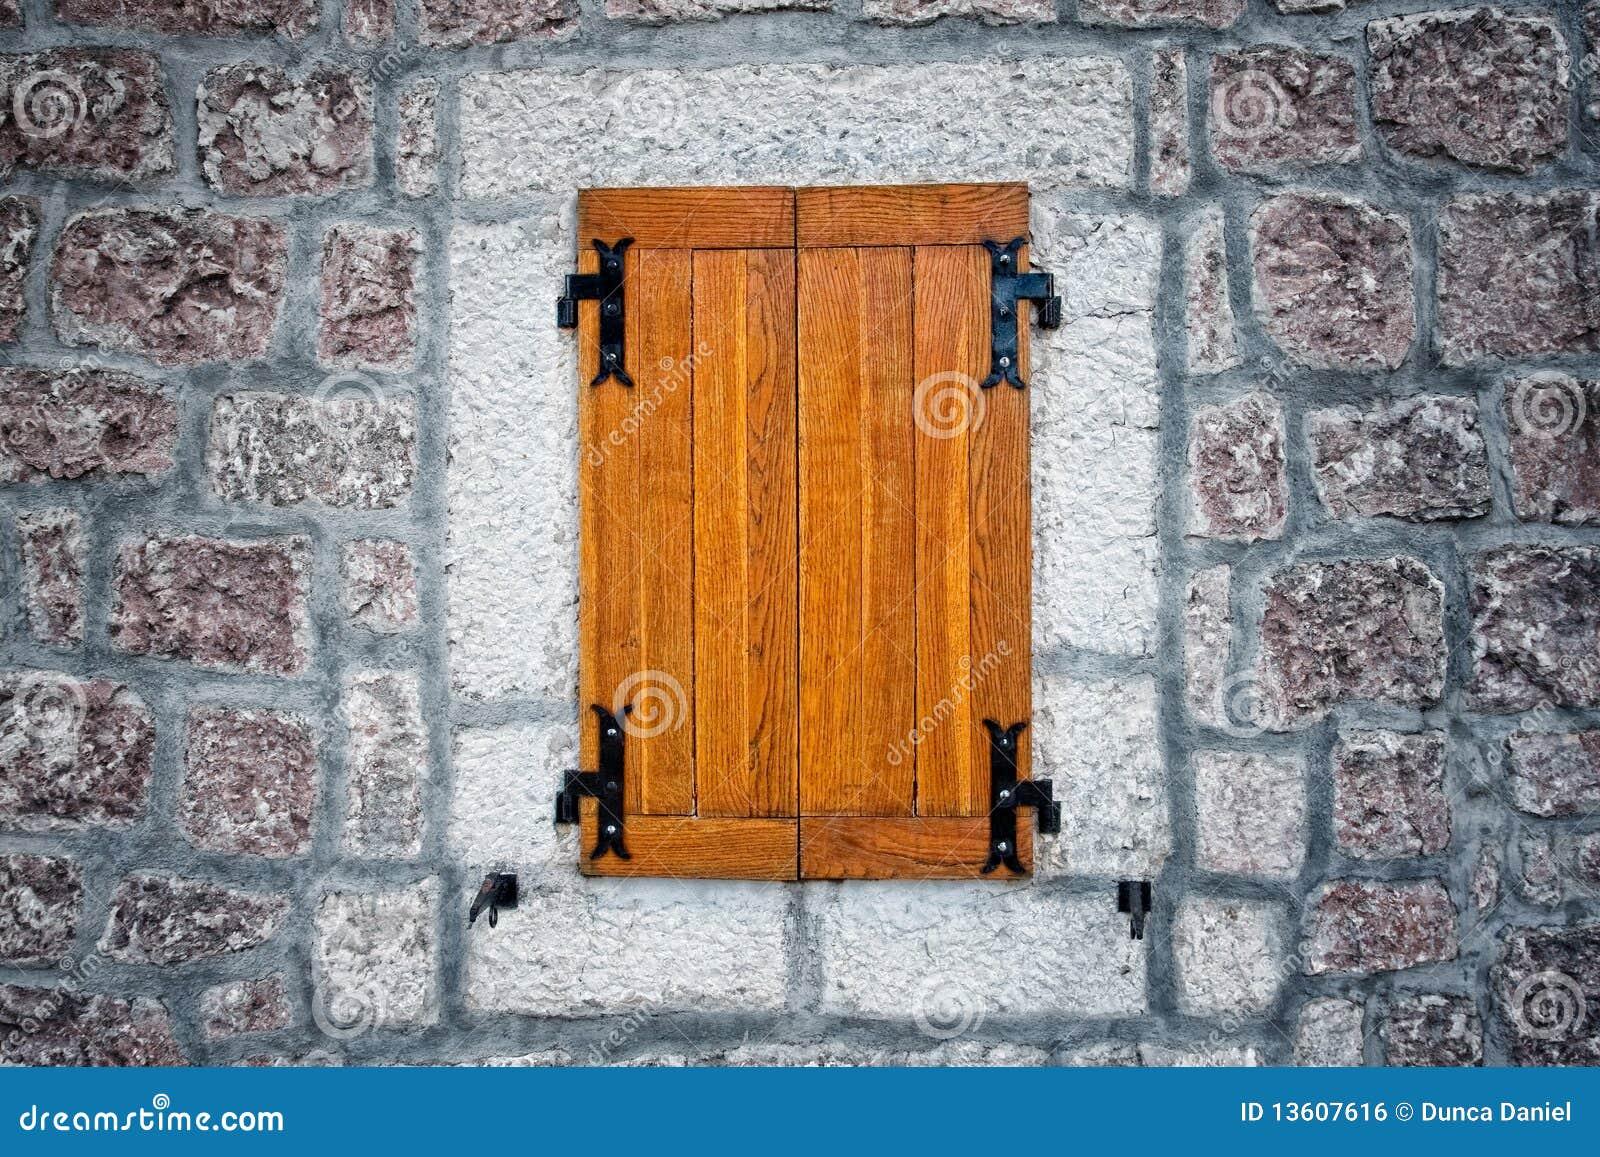 #AD621E Ventana antigua rústica de madera y pared de piedra textured. 598 Janelas Em Madeira Rusticas